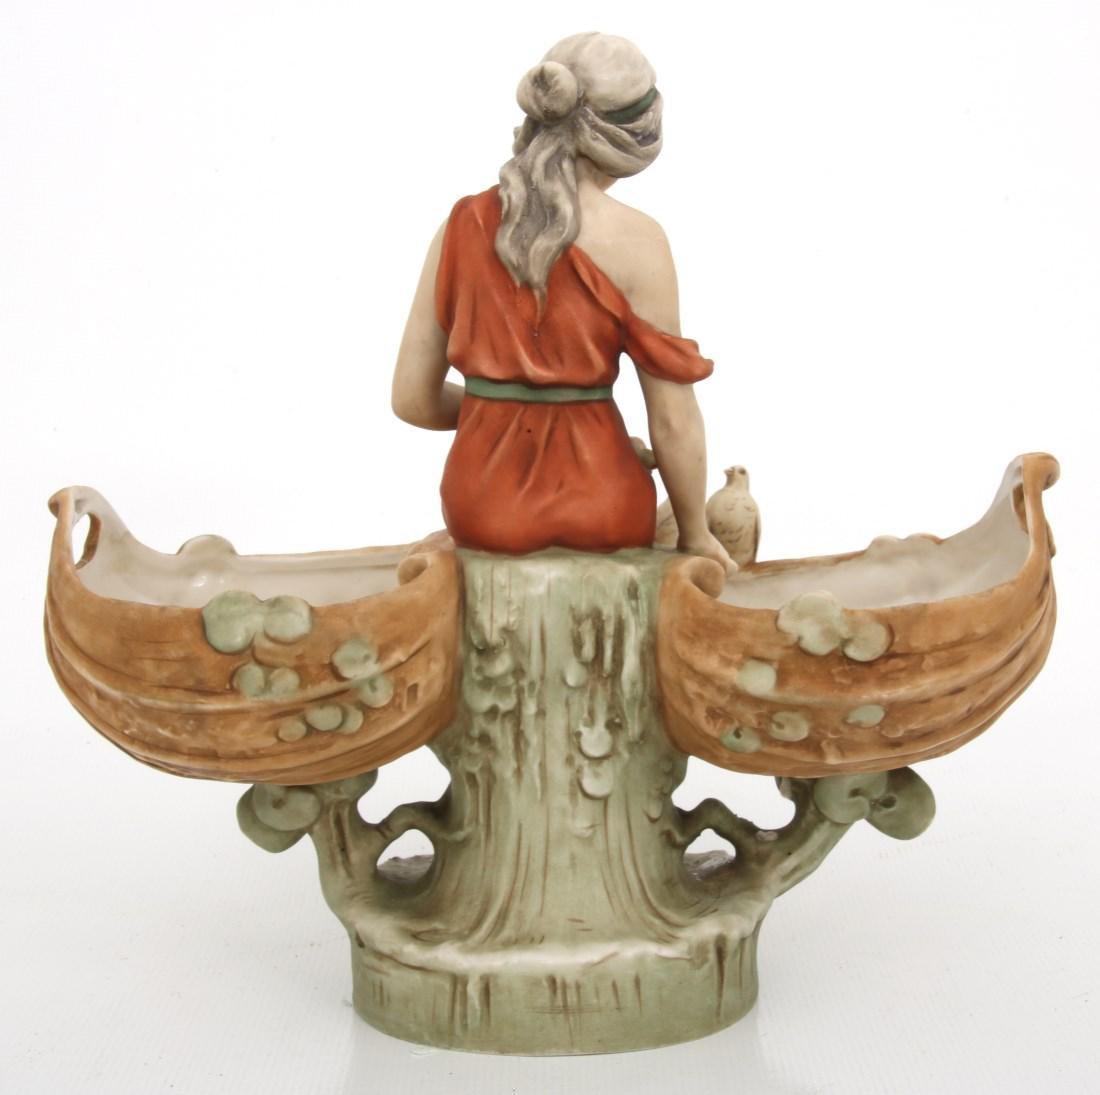 Royal Dux Porcelain Figural Centerpiece - 8